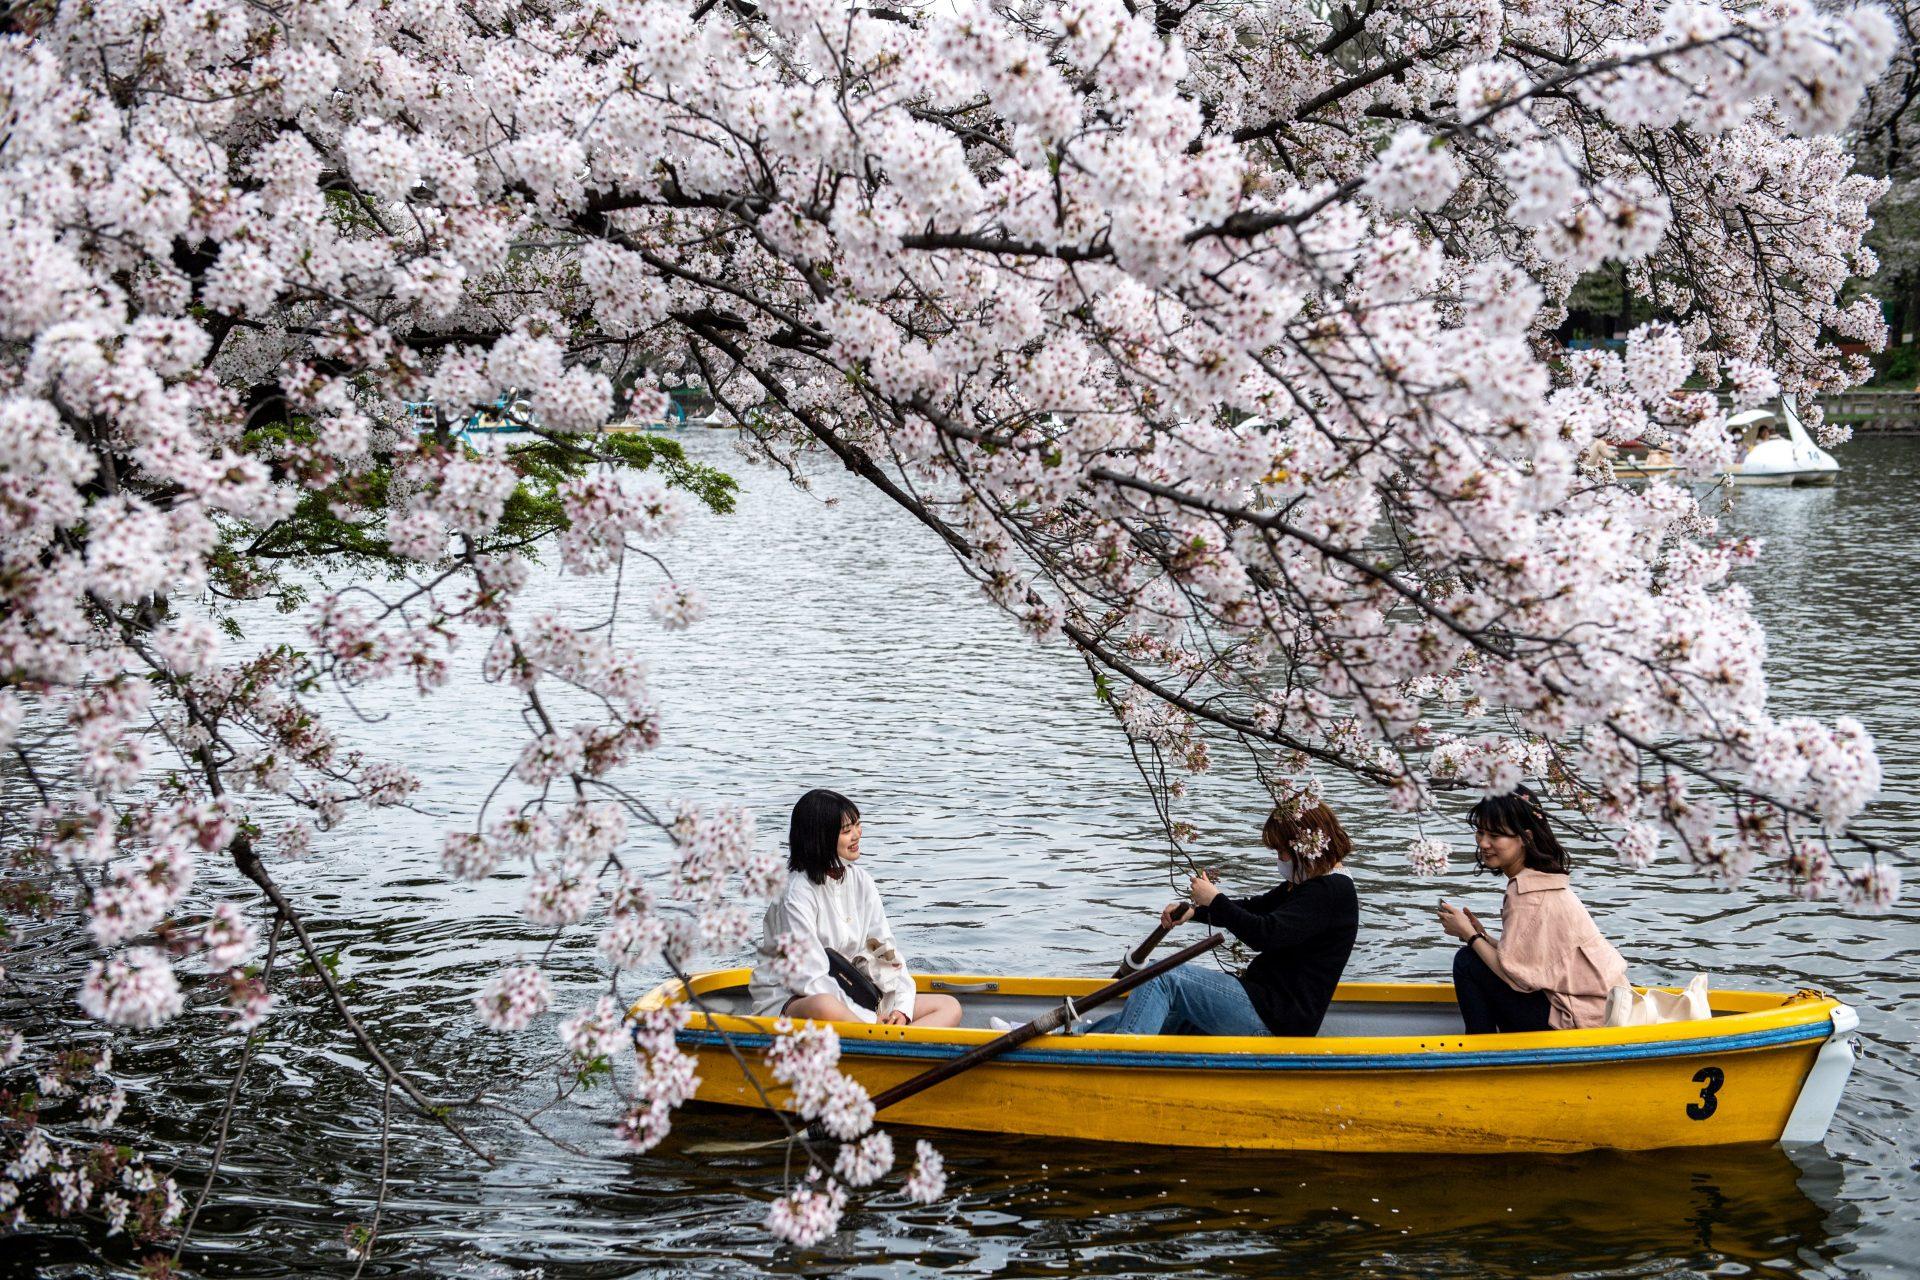 Japończycy podczas podróży łodzią w czasie kwitnienia wiśni